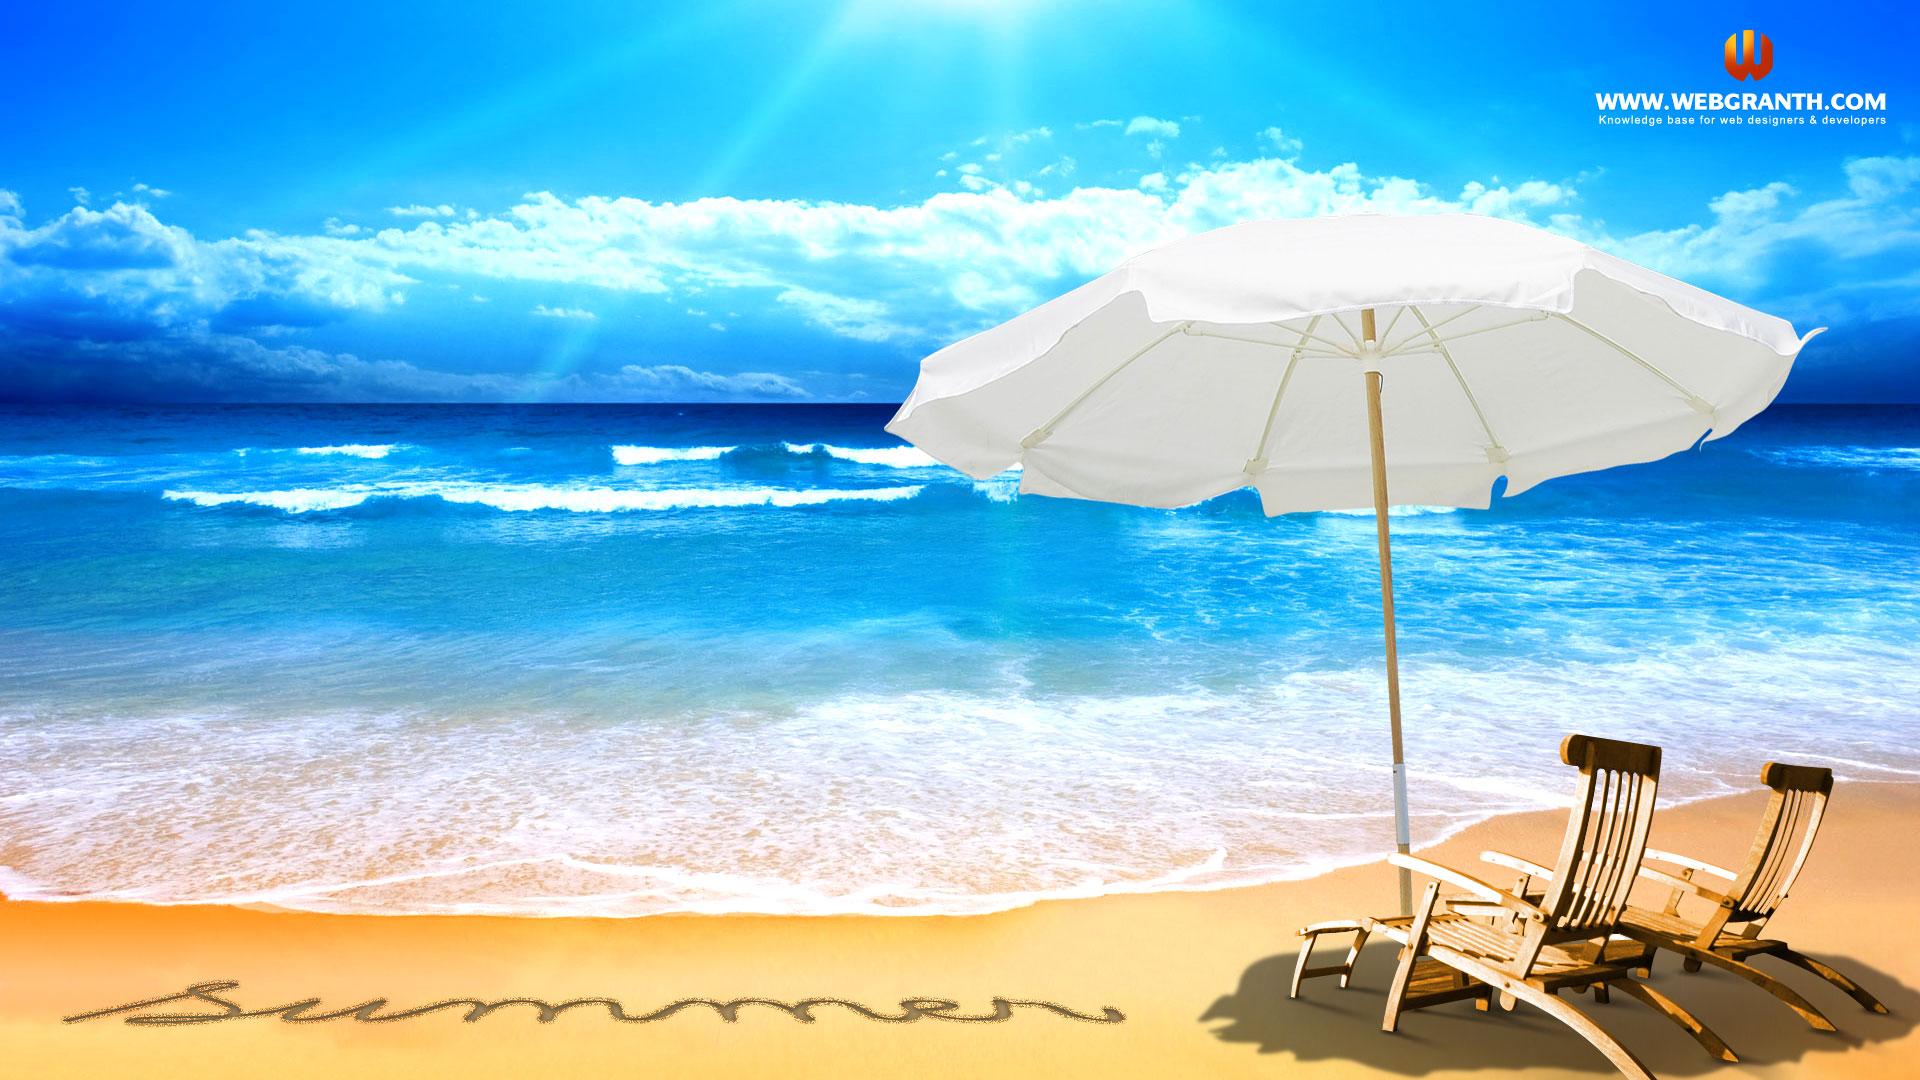 June Calendar Wallpaper 2012 Download Summer HD 1920x1080